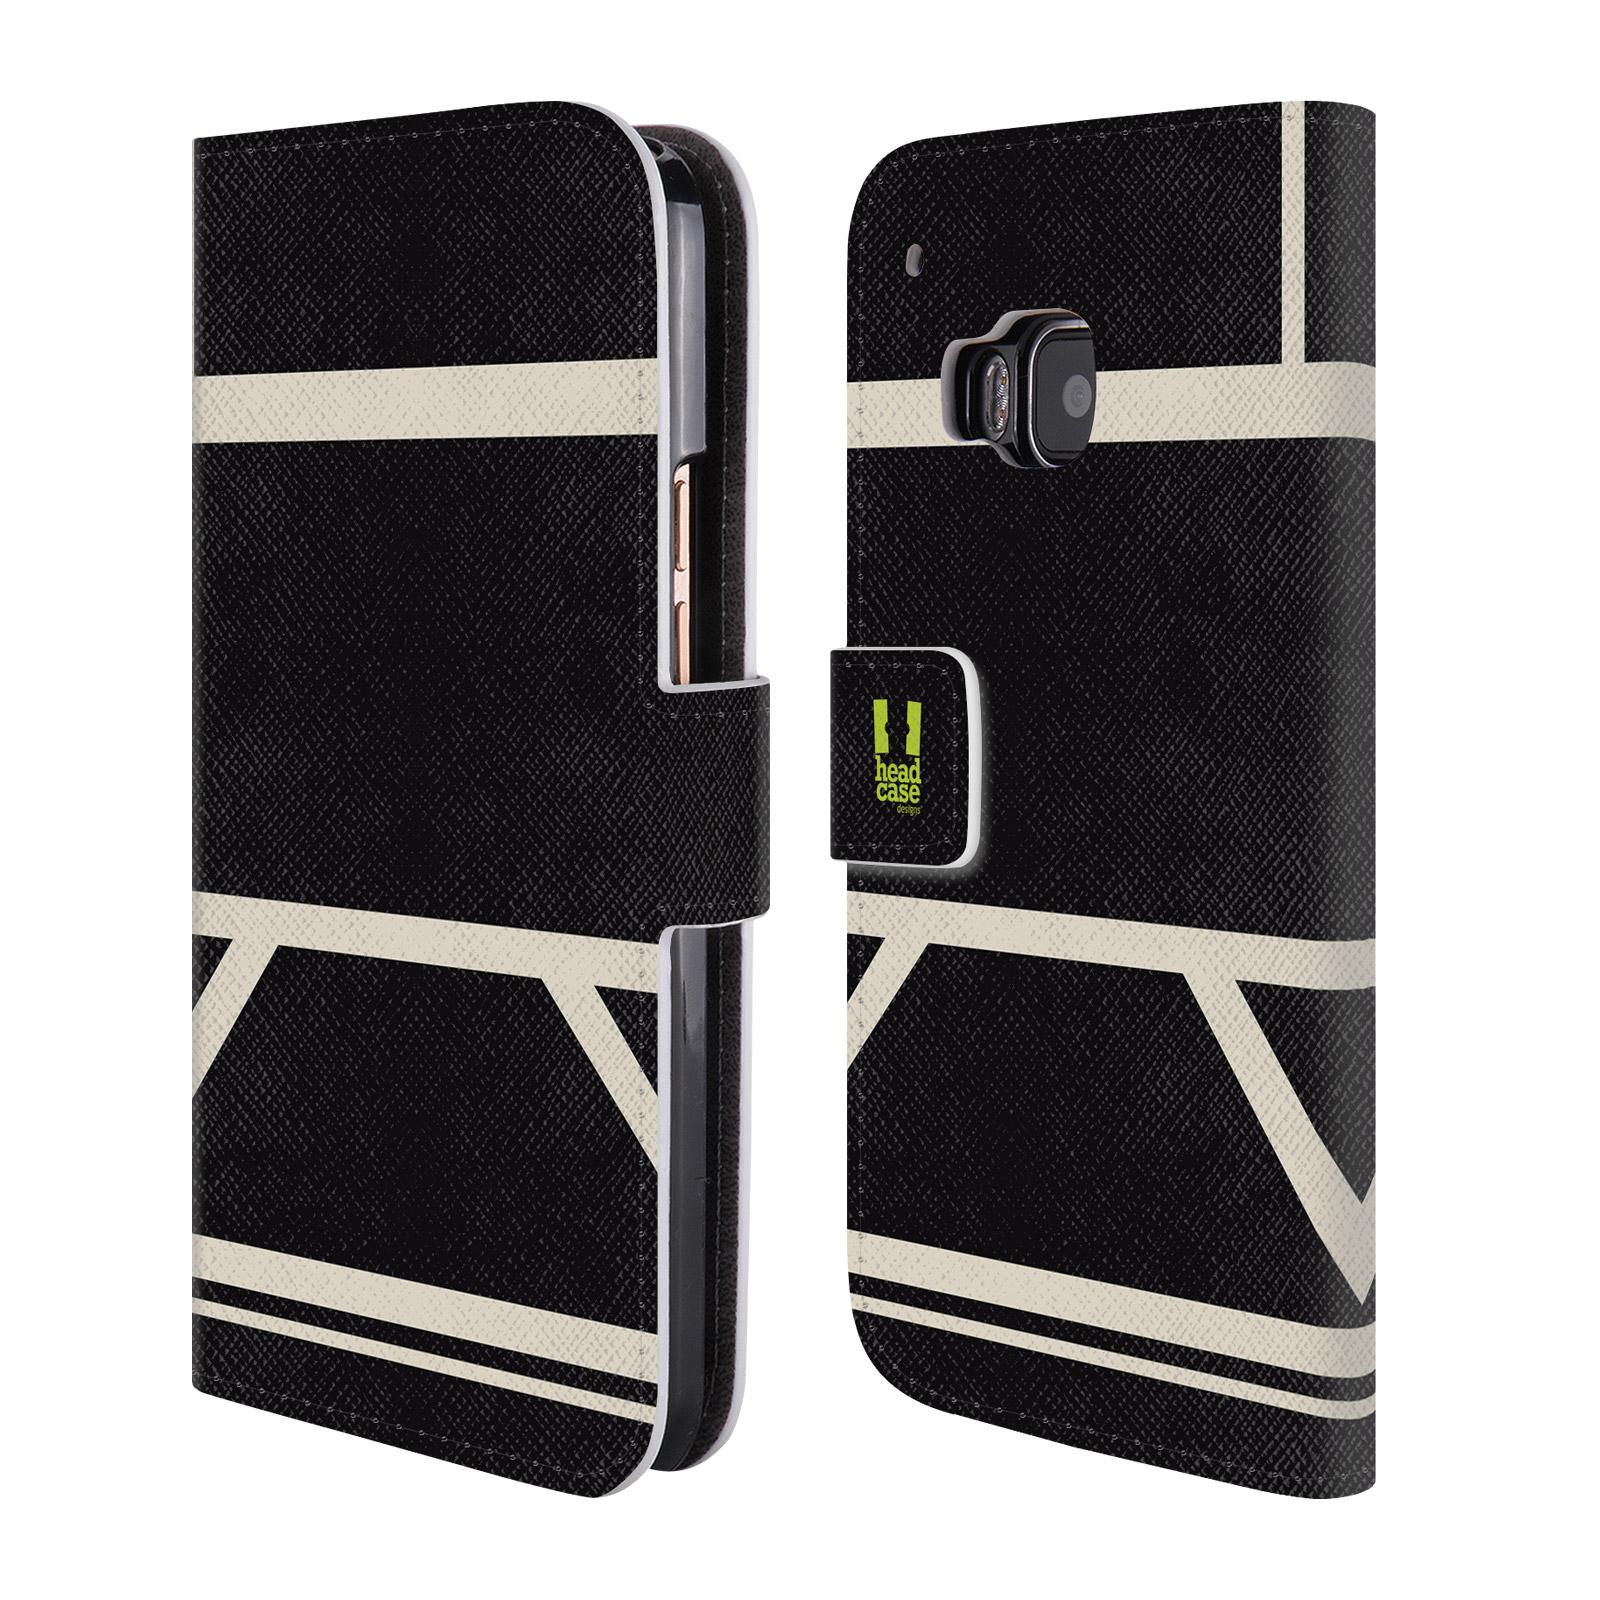 HEAD CASE Flipové pouzdro pro mobil HTC ONE M9 barevné tvary černá a bílá proužek